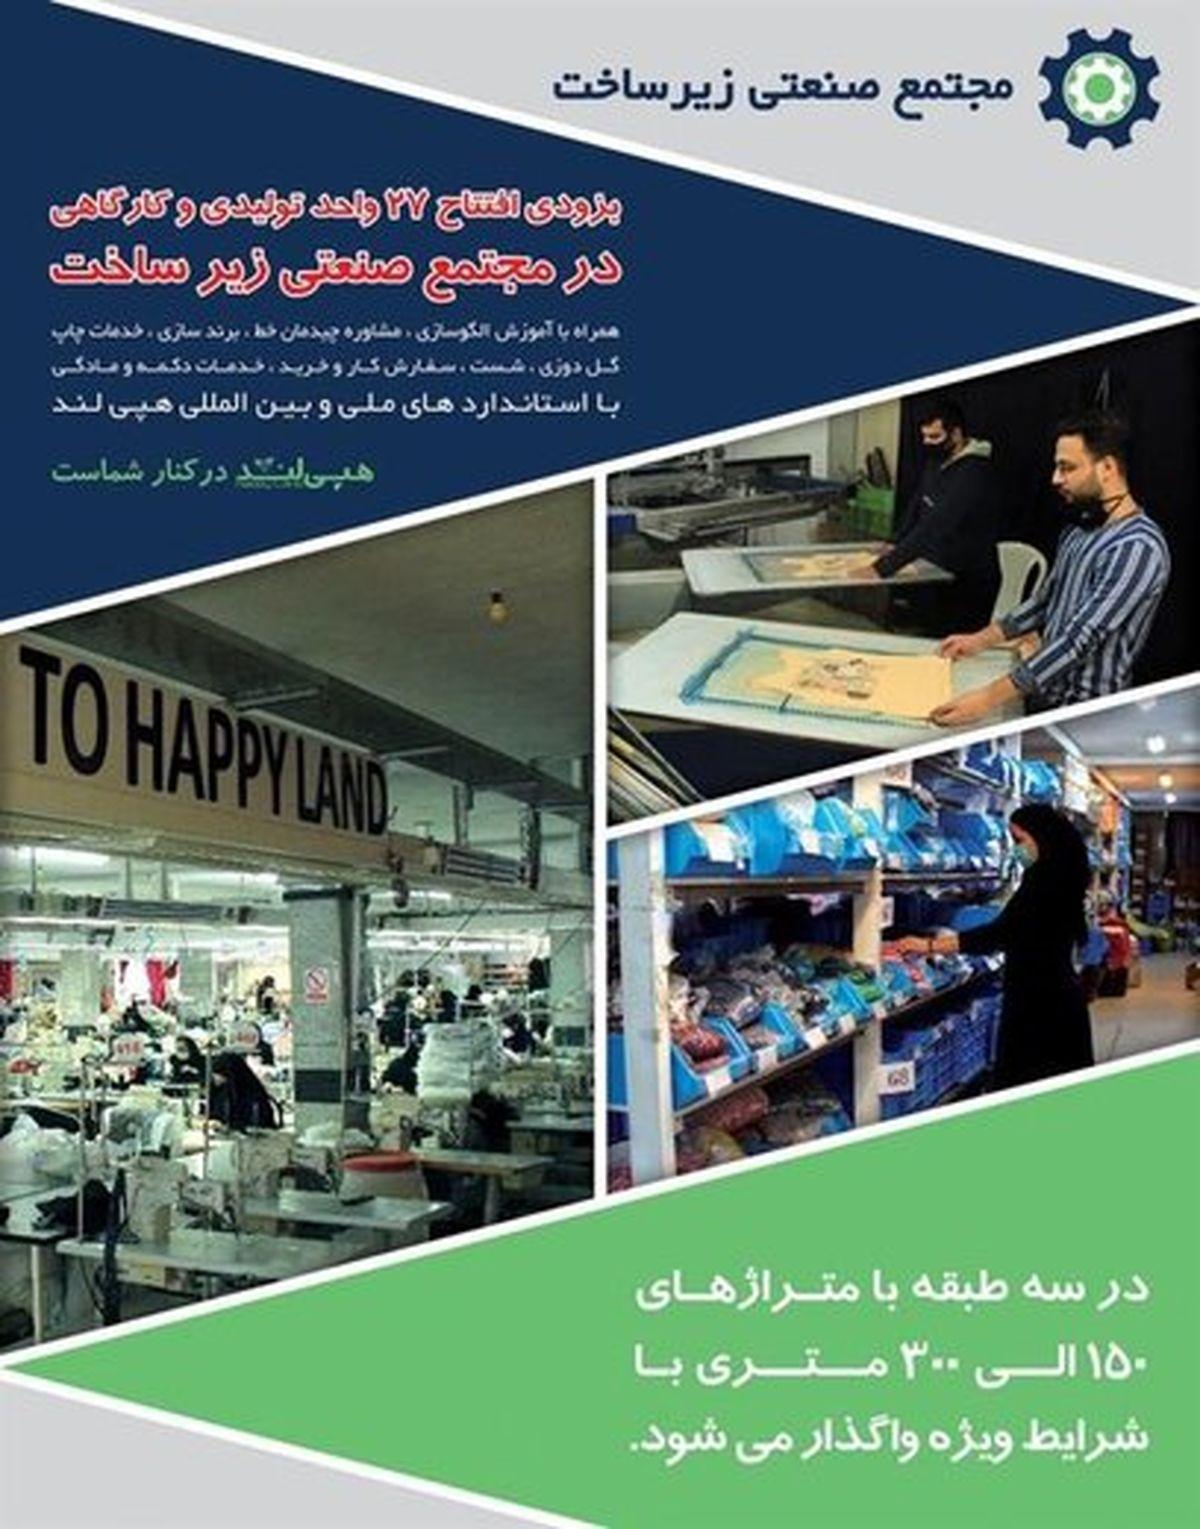 مجتمع صنعتی تولیدی کارگاهی زیرساخت با حضور ۲۷ برند پوشاک ایران